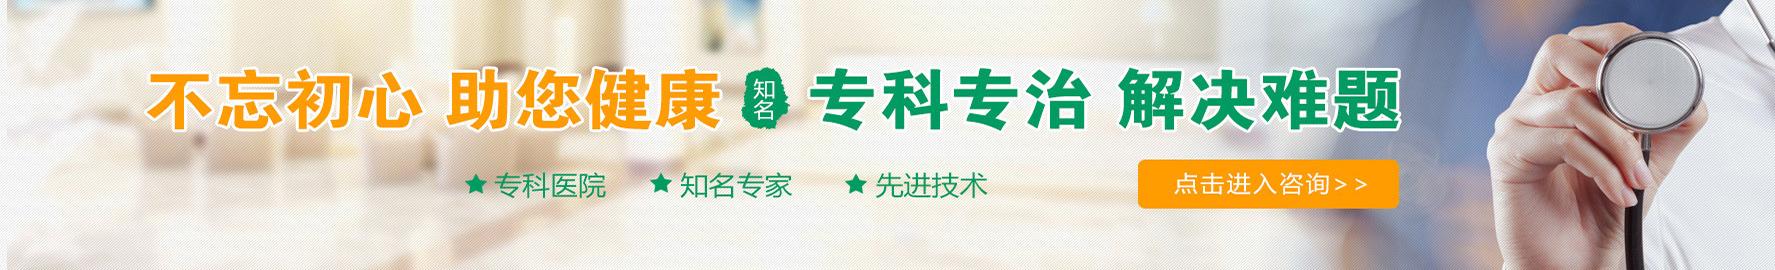 上海神经内科